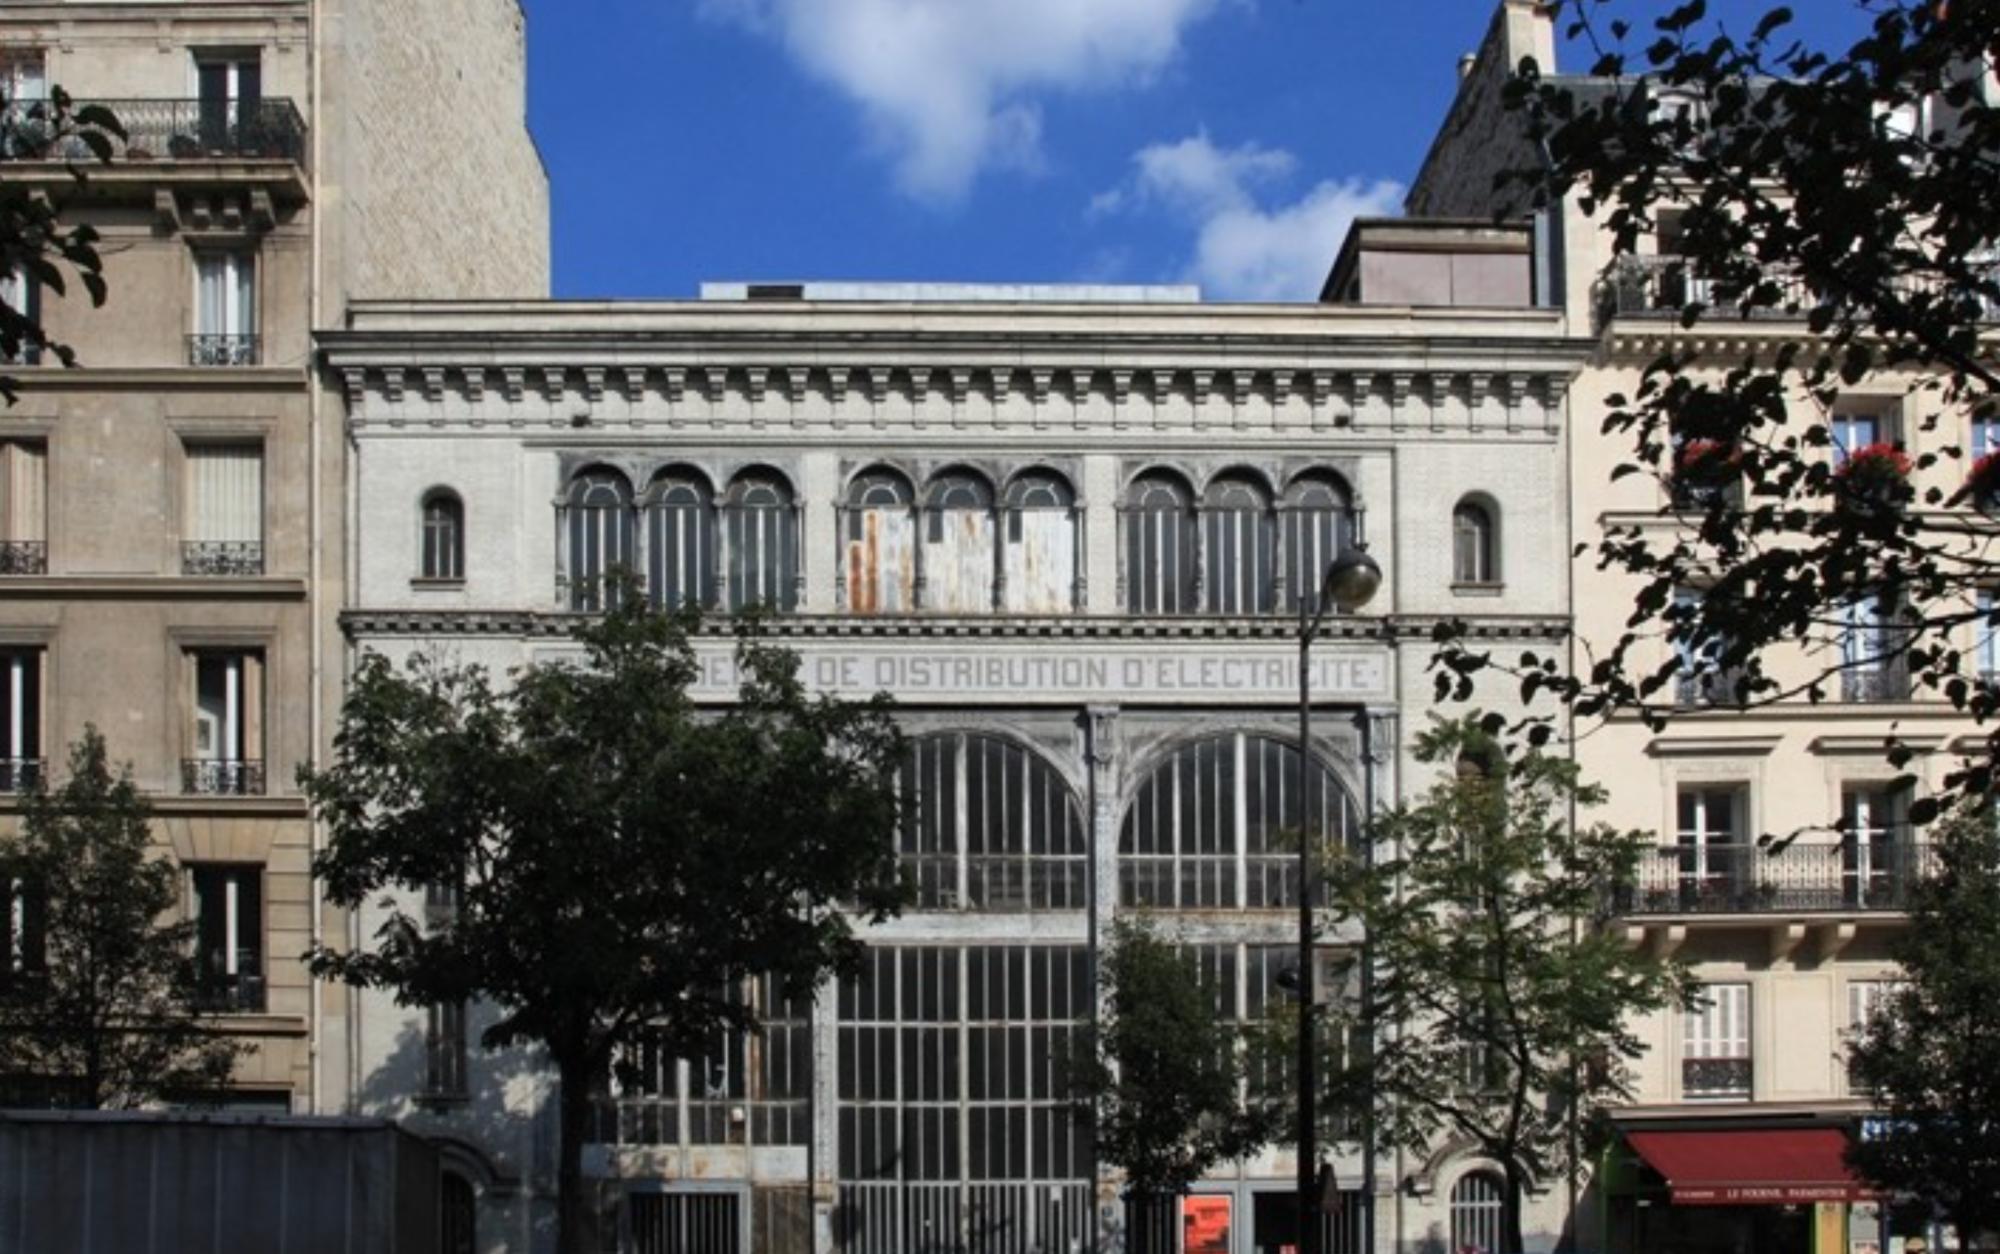 Site: Sous-station Voltaire (11e). Image Courtesy of Reinventer Paris